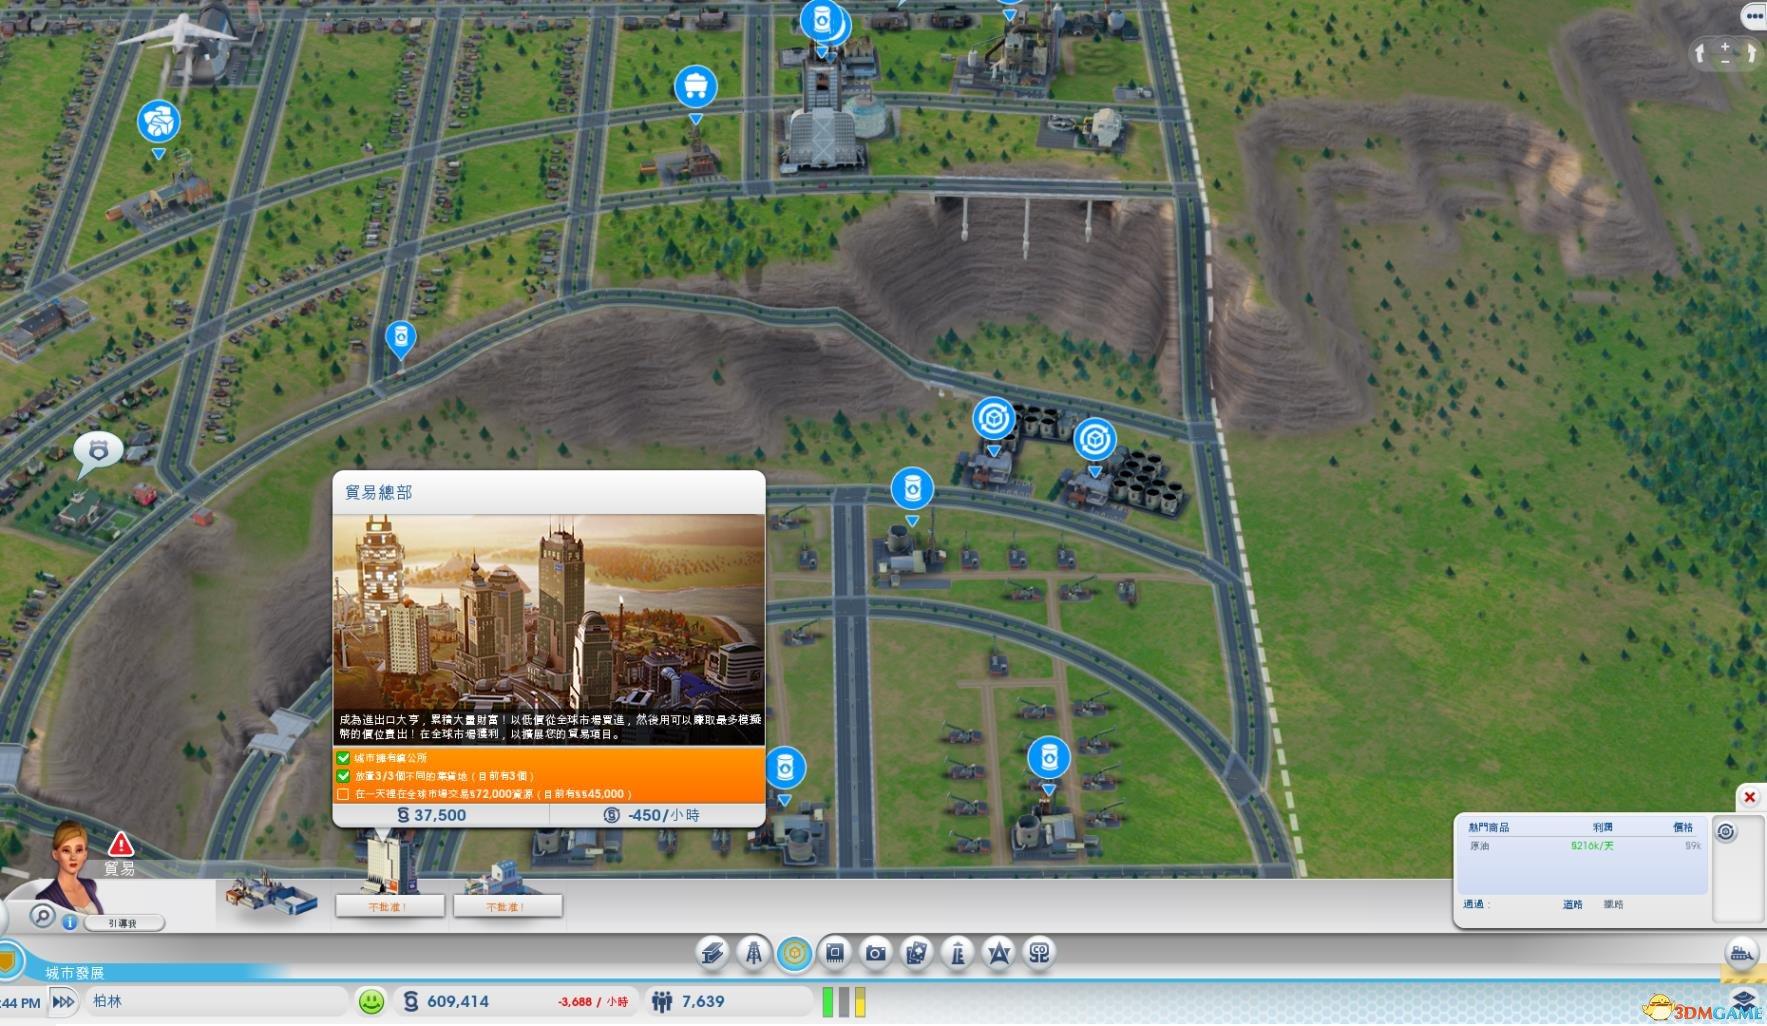 3-06、当出口利润达72000时,贸易总部可升到2级  3-07、贸易总部升到2级时,可建贸易港  3-09、贸易总部升到2级,我扩建了石油部门  3-10、继续出口,利润达到160000时,石油总部可升到2级  更多精彩尽在 模拟城市5专题: